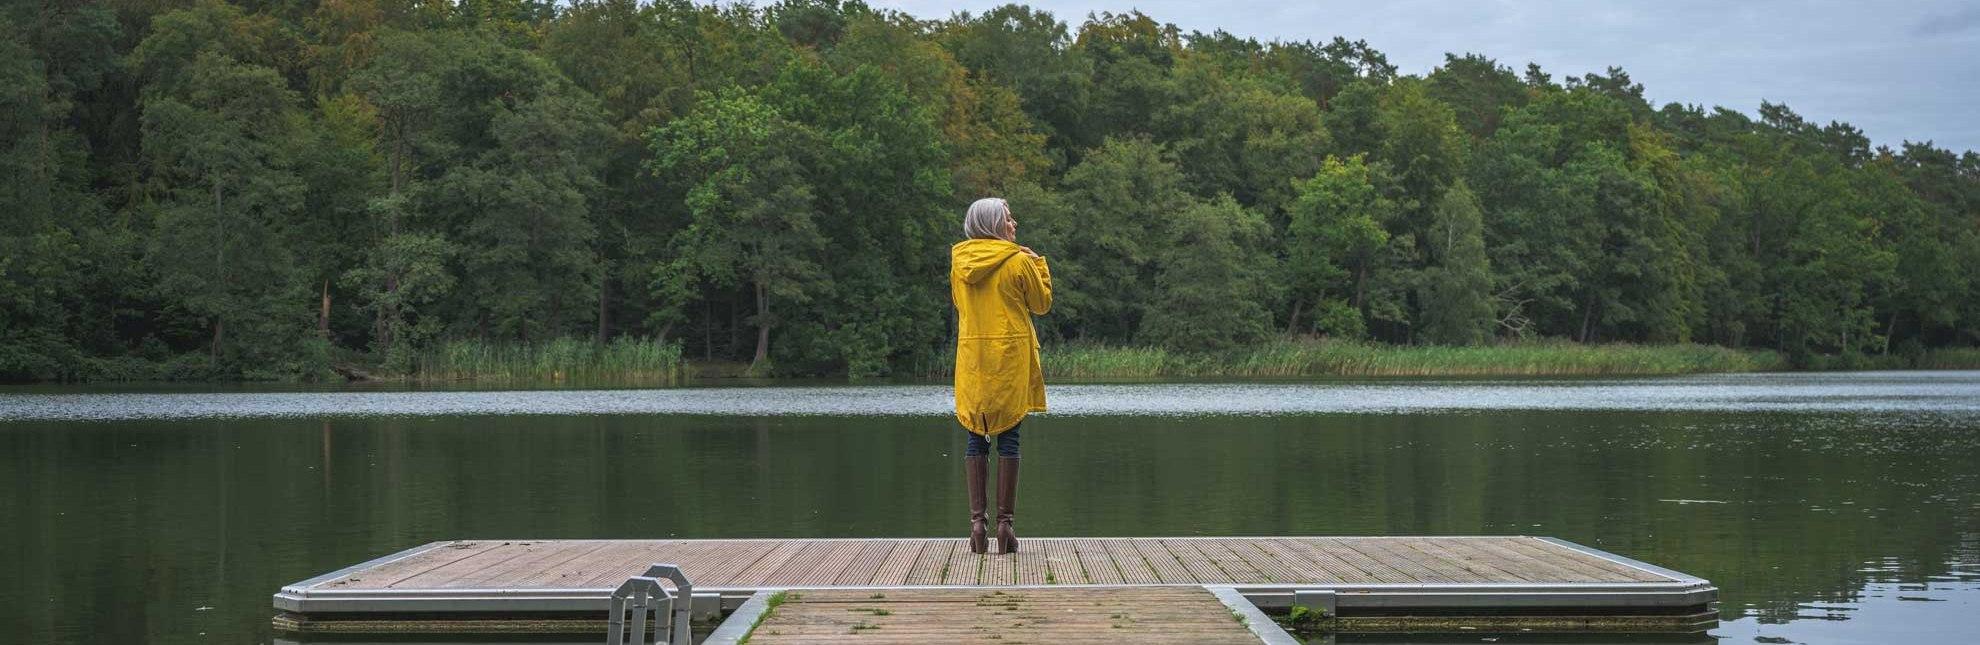 Tauchen Sie hier am Lütauer See bei Mölln in unsere WunderWeltWald ein., © Alex K. Media